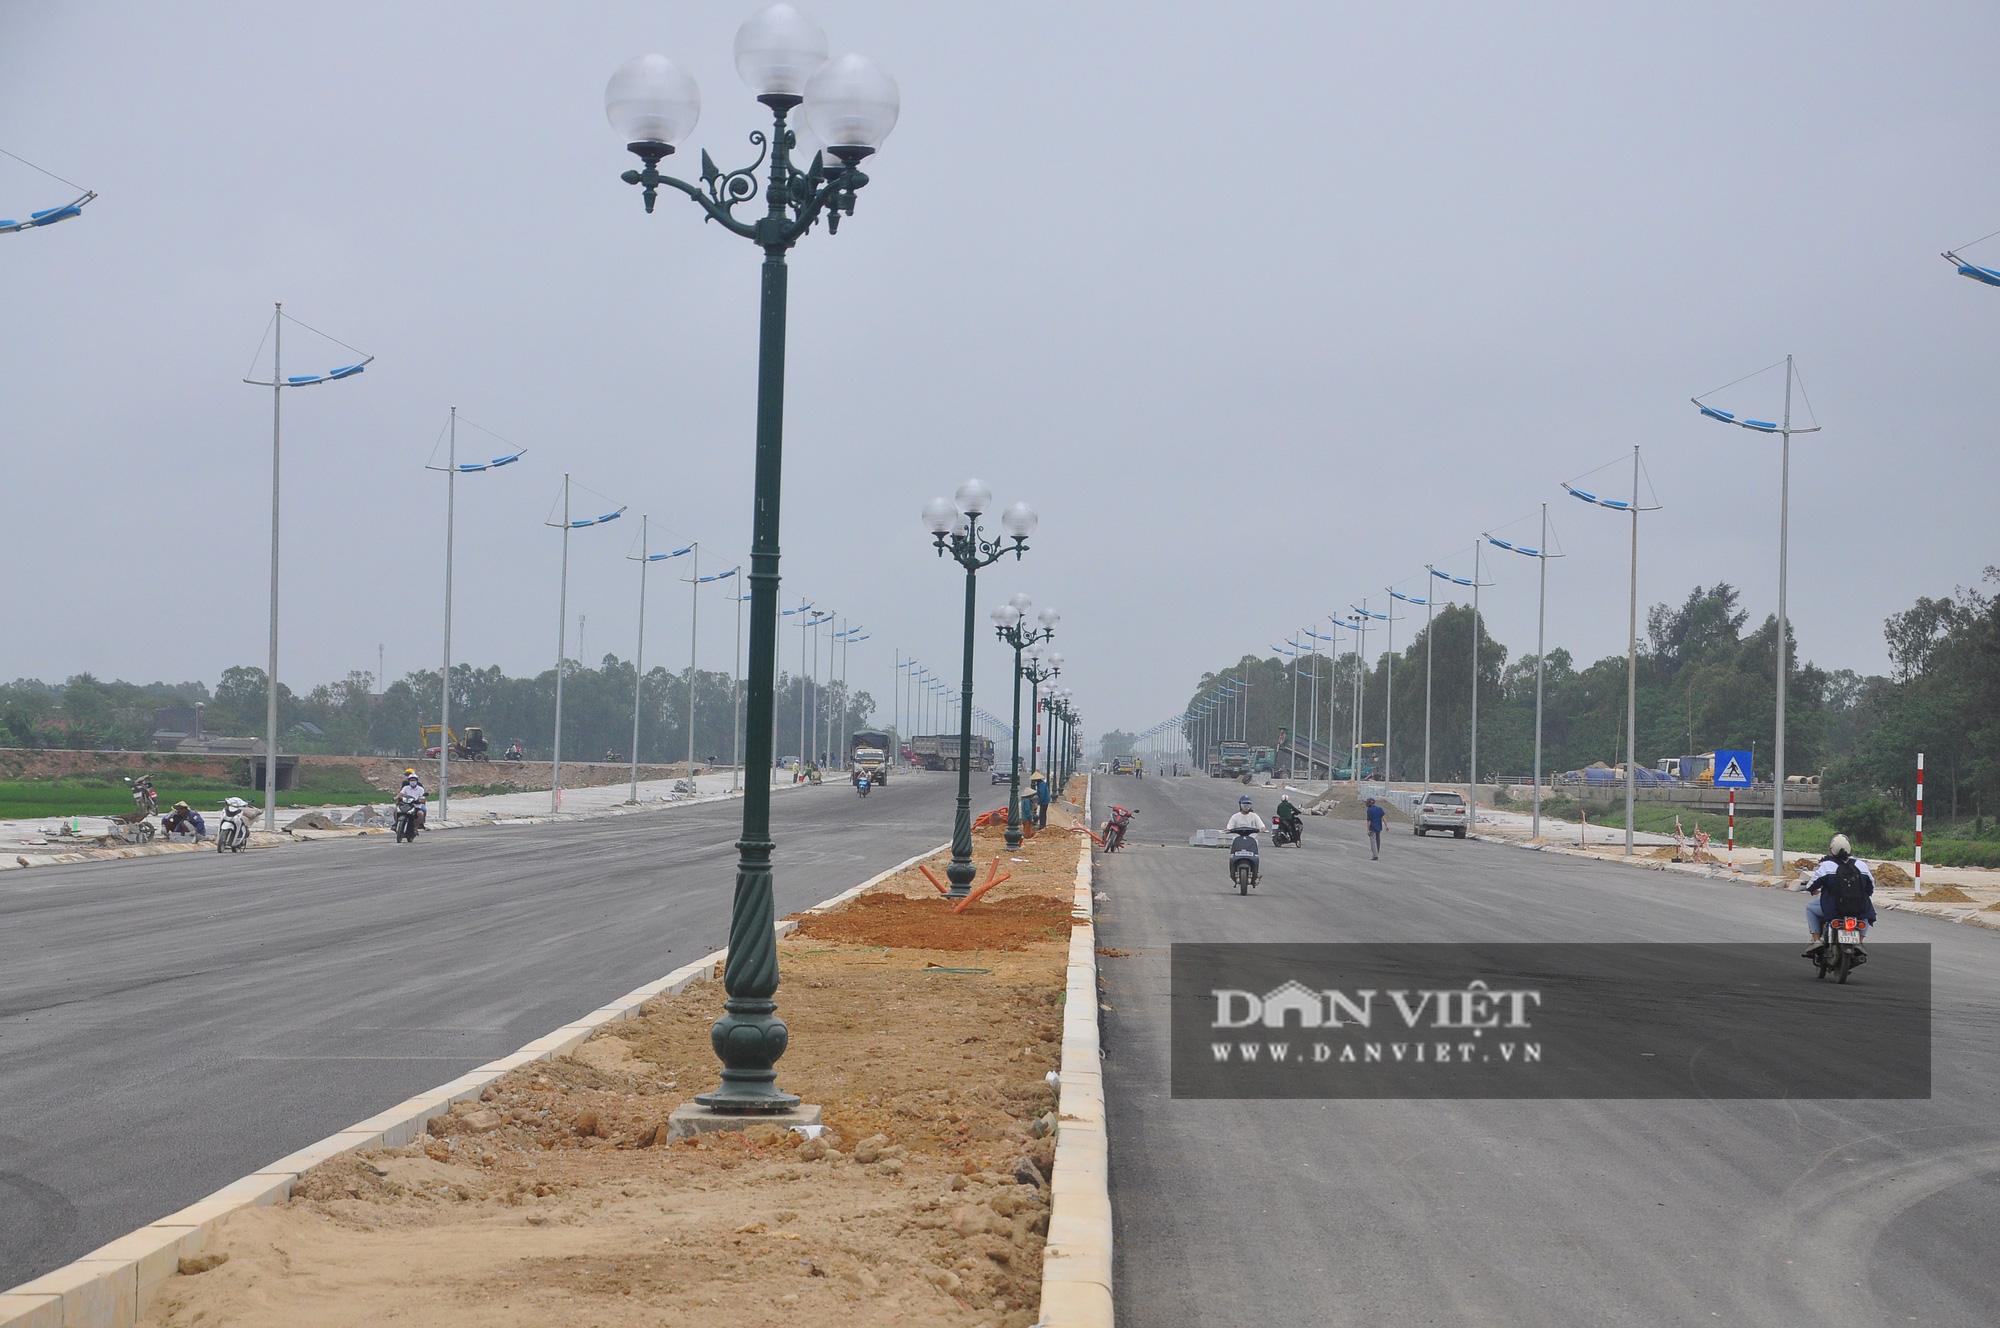 Cận cảnh dự án đường ven biển Nghi Sơn - Sầm Sơn có tổng mức đầu tư hơn 1.479 tỷ đồng trước ngày thông tuyến - Ảnh 3.